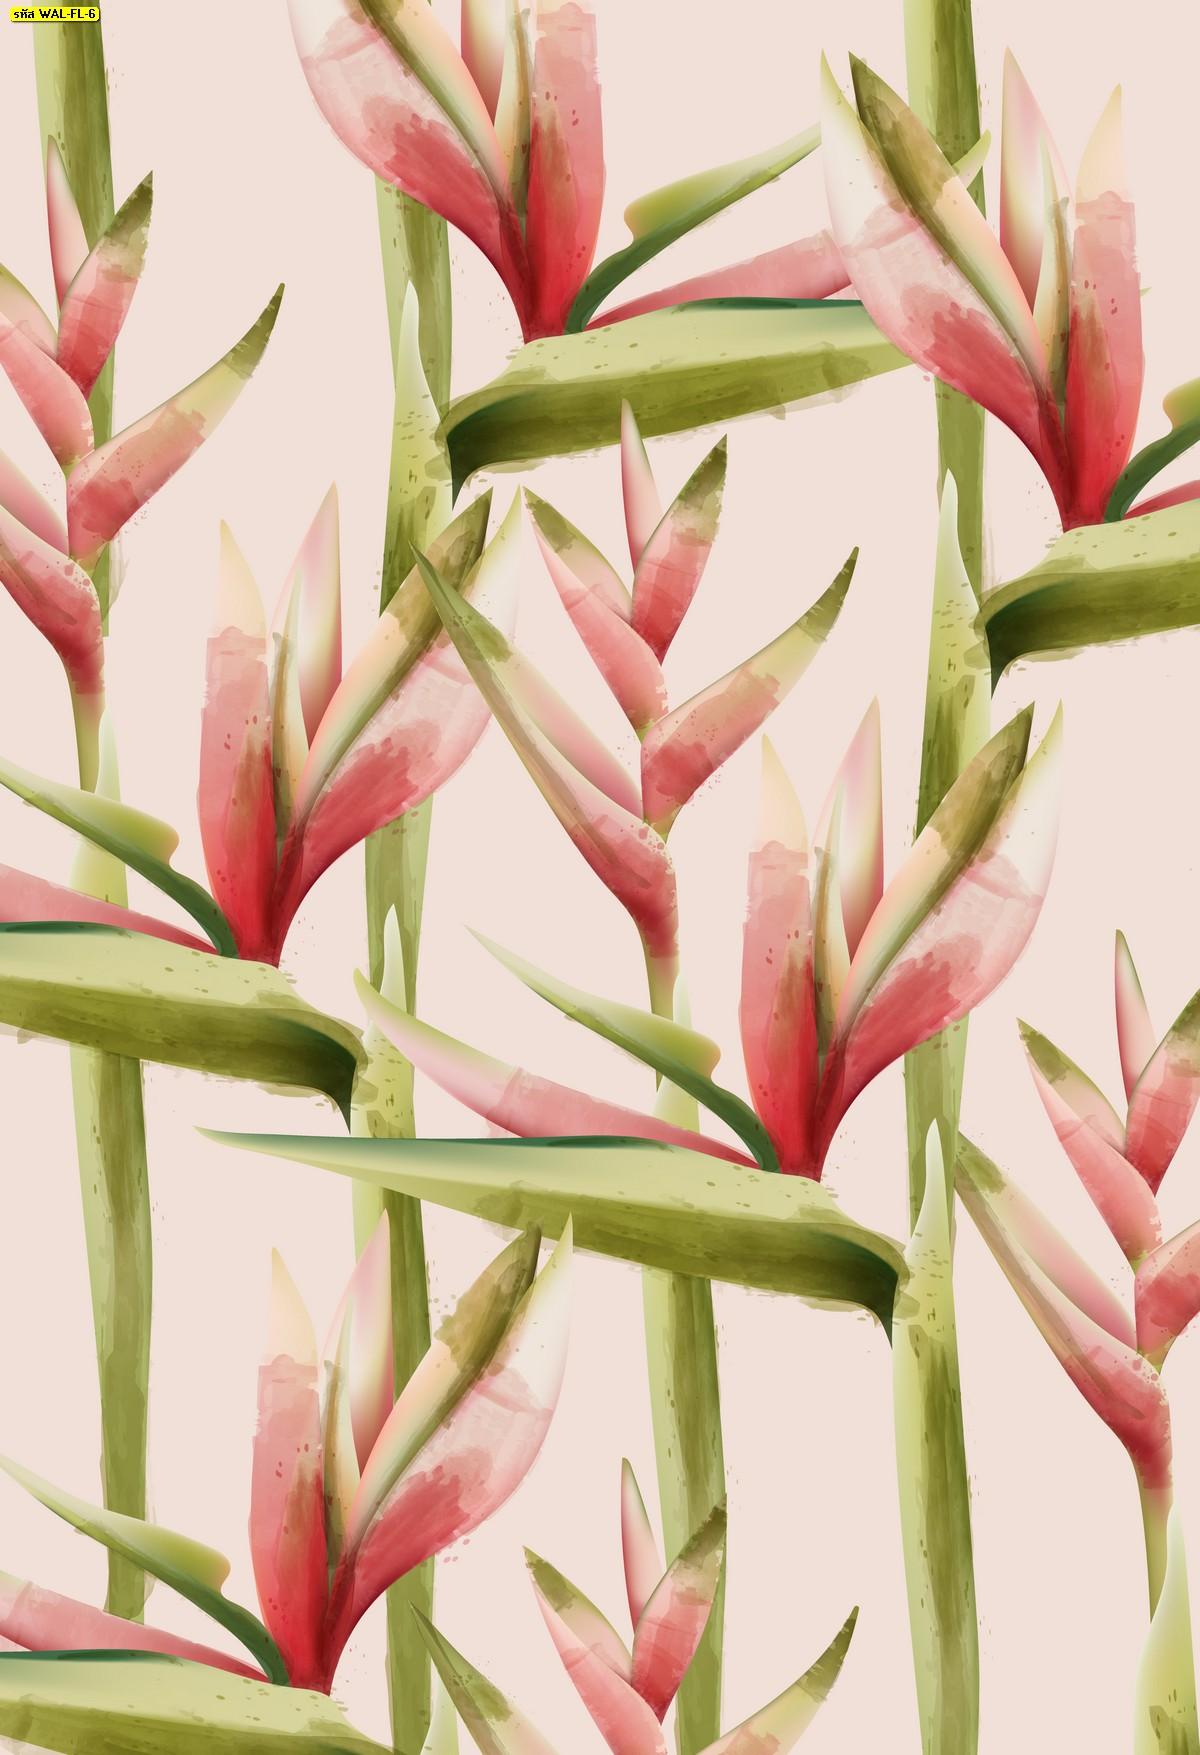 วอลเปเปอร์สั่งพิมพ์ต่อลายก้านดอกไม้พื้นสีชมพู